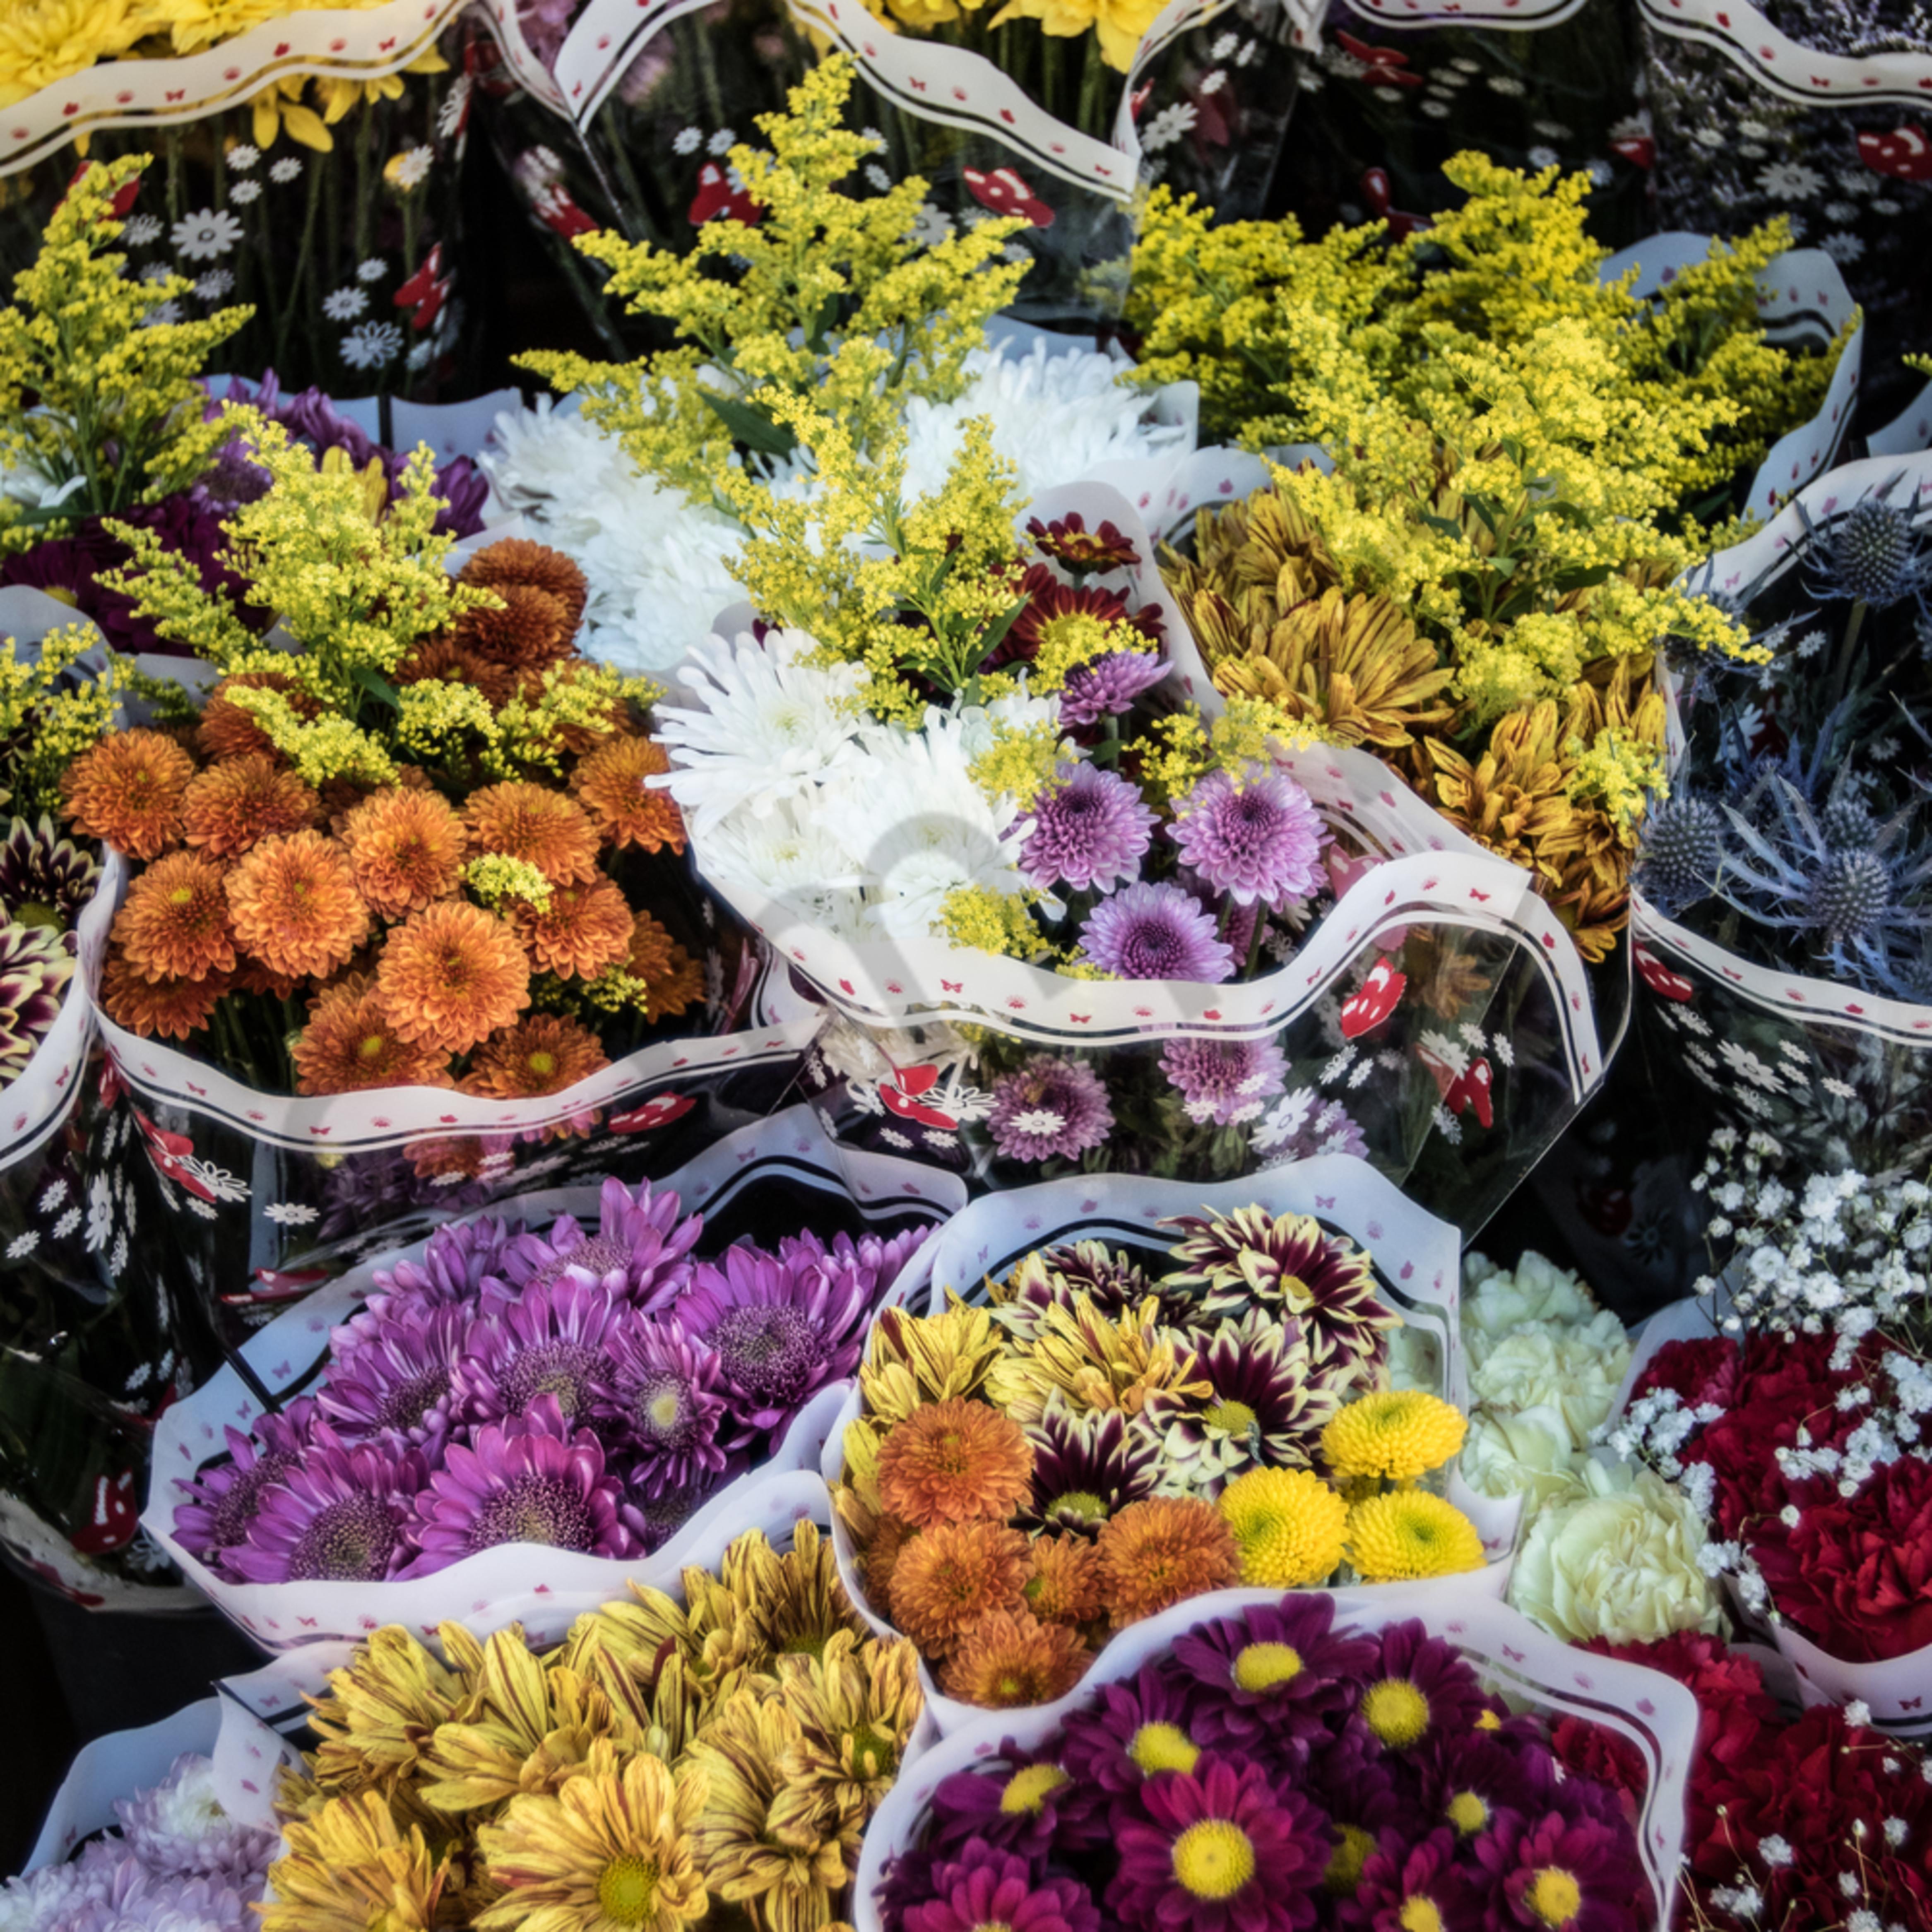 Flowermarket ayookm